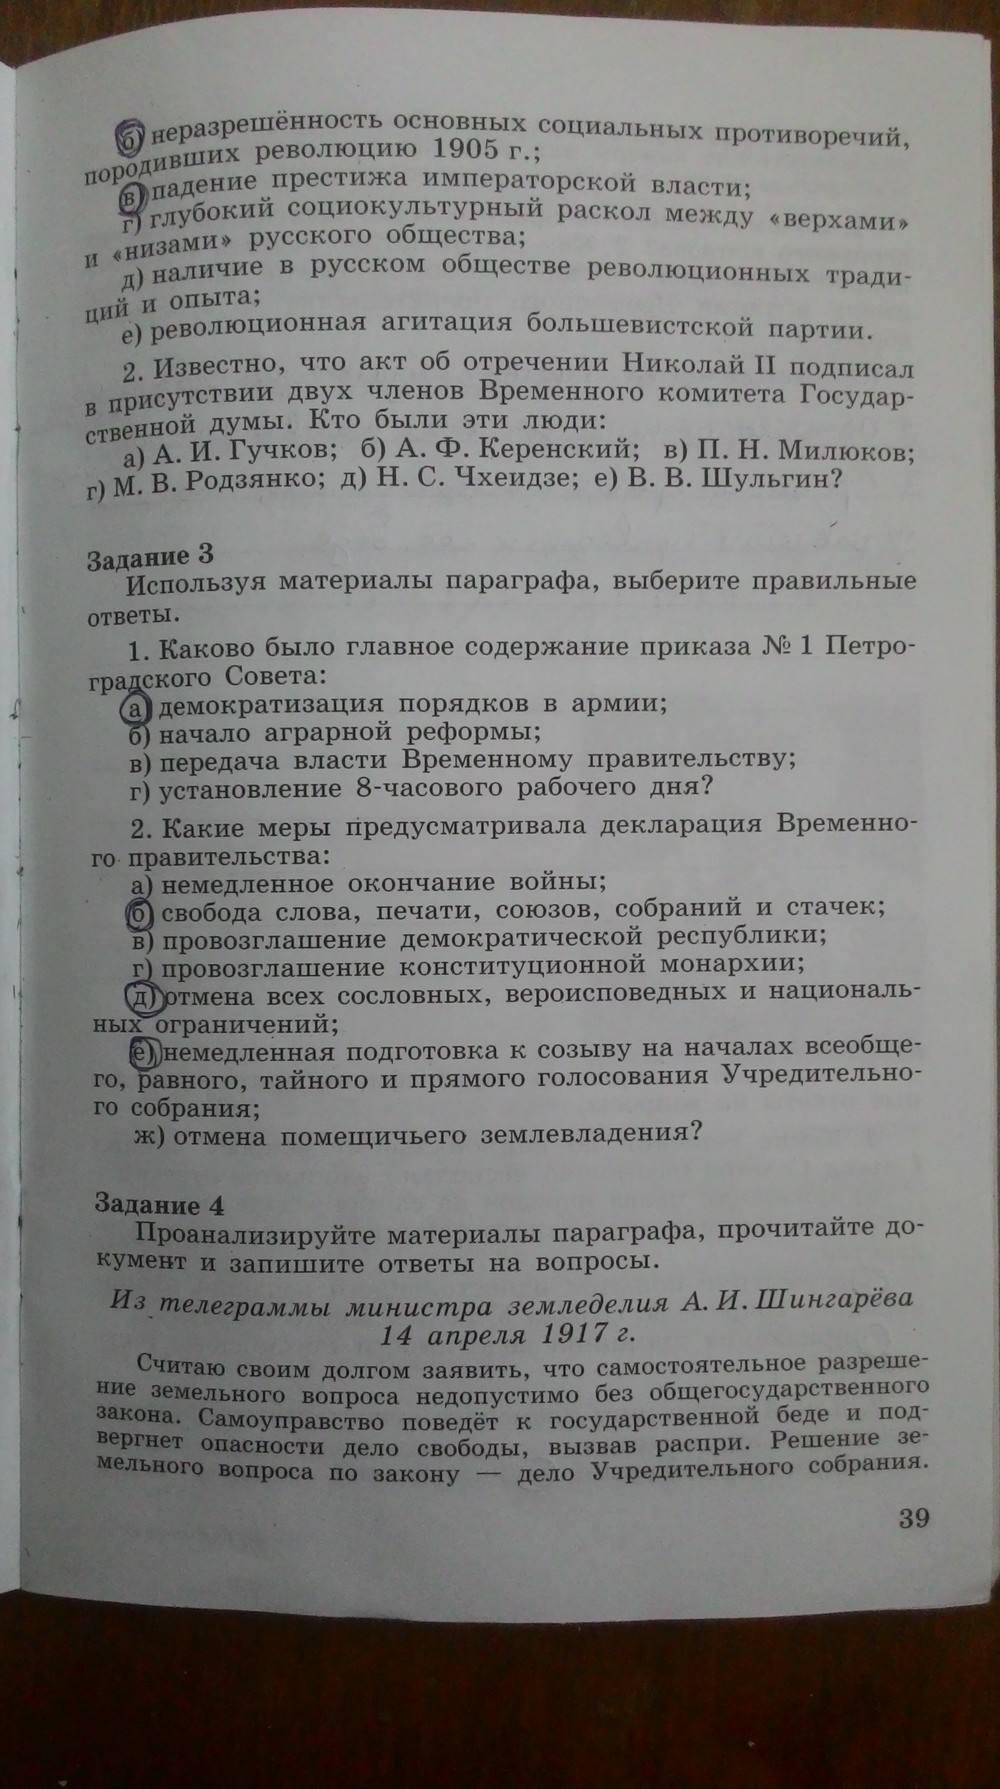 Гдз по истории россии 9 класс данилов ответы на вопросы учебника